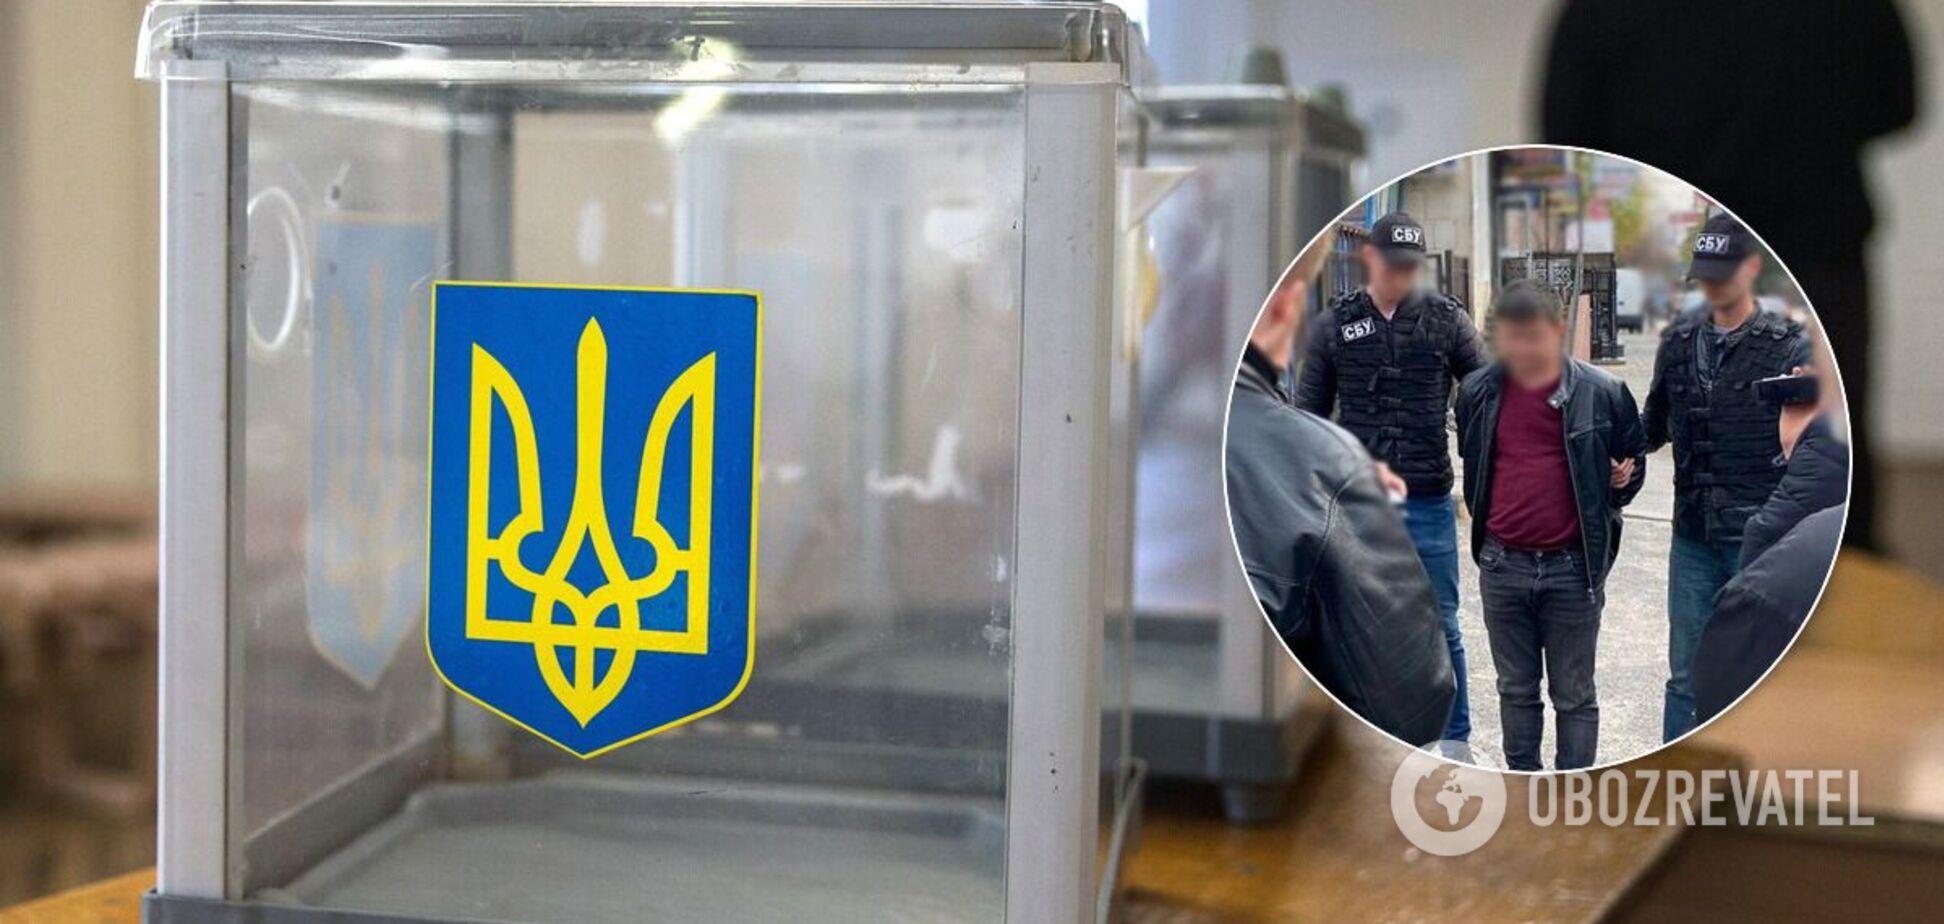 В Кропивницком разоблачили сеть подкупа избирателей: предлагали 500 грн за голос